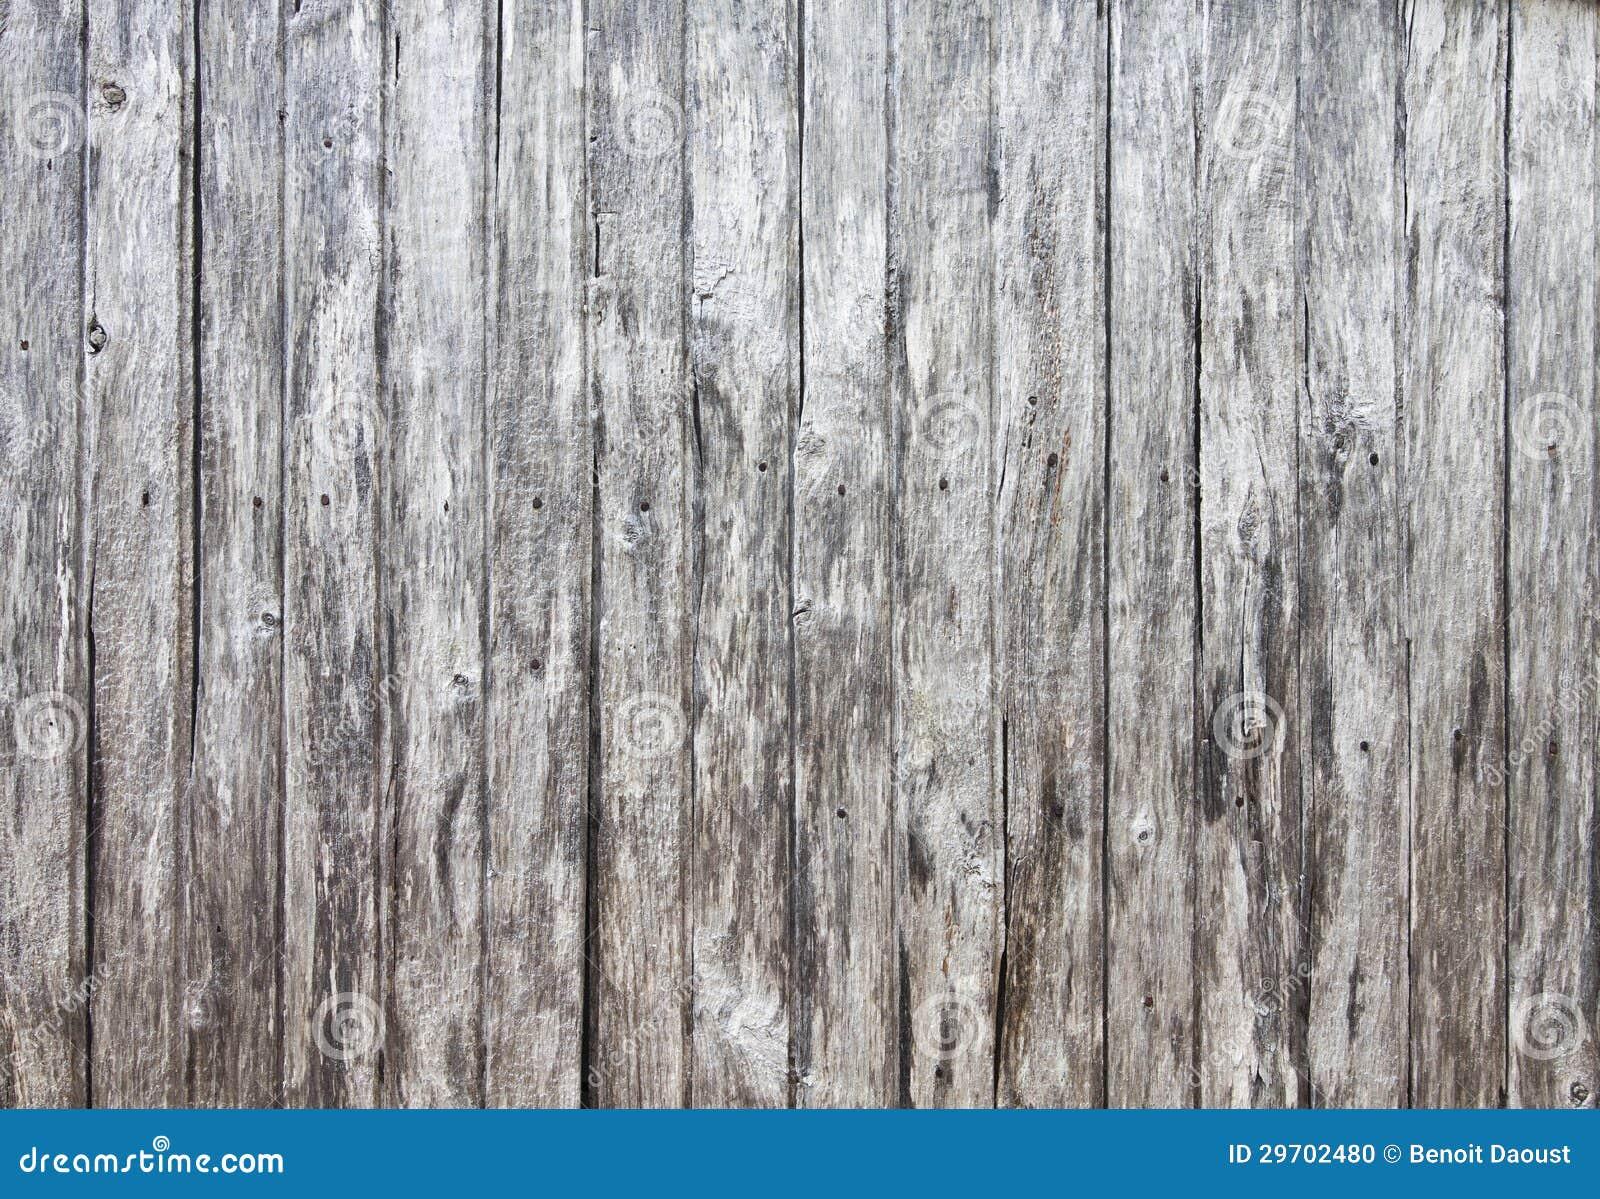 vieille texture en bois de grange photo stock image du texturis bois 29702480. Black Bedroom Furniture Sets. Home Design Ideas